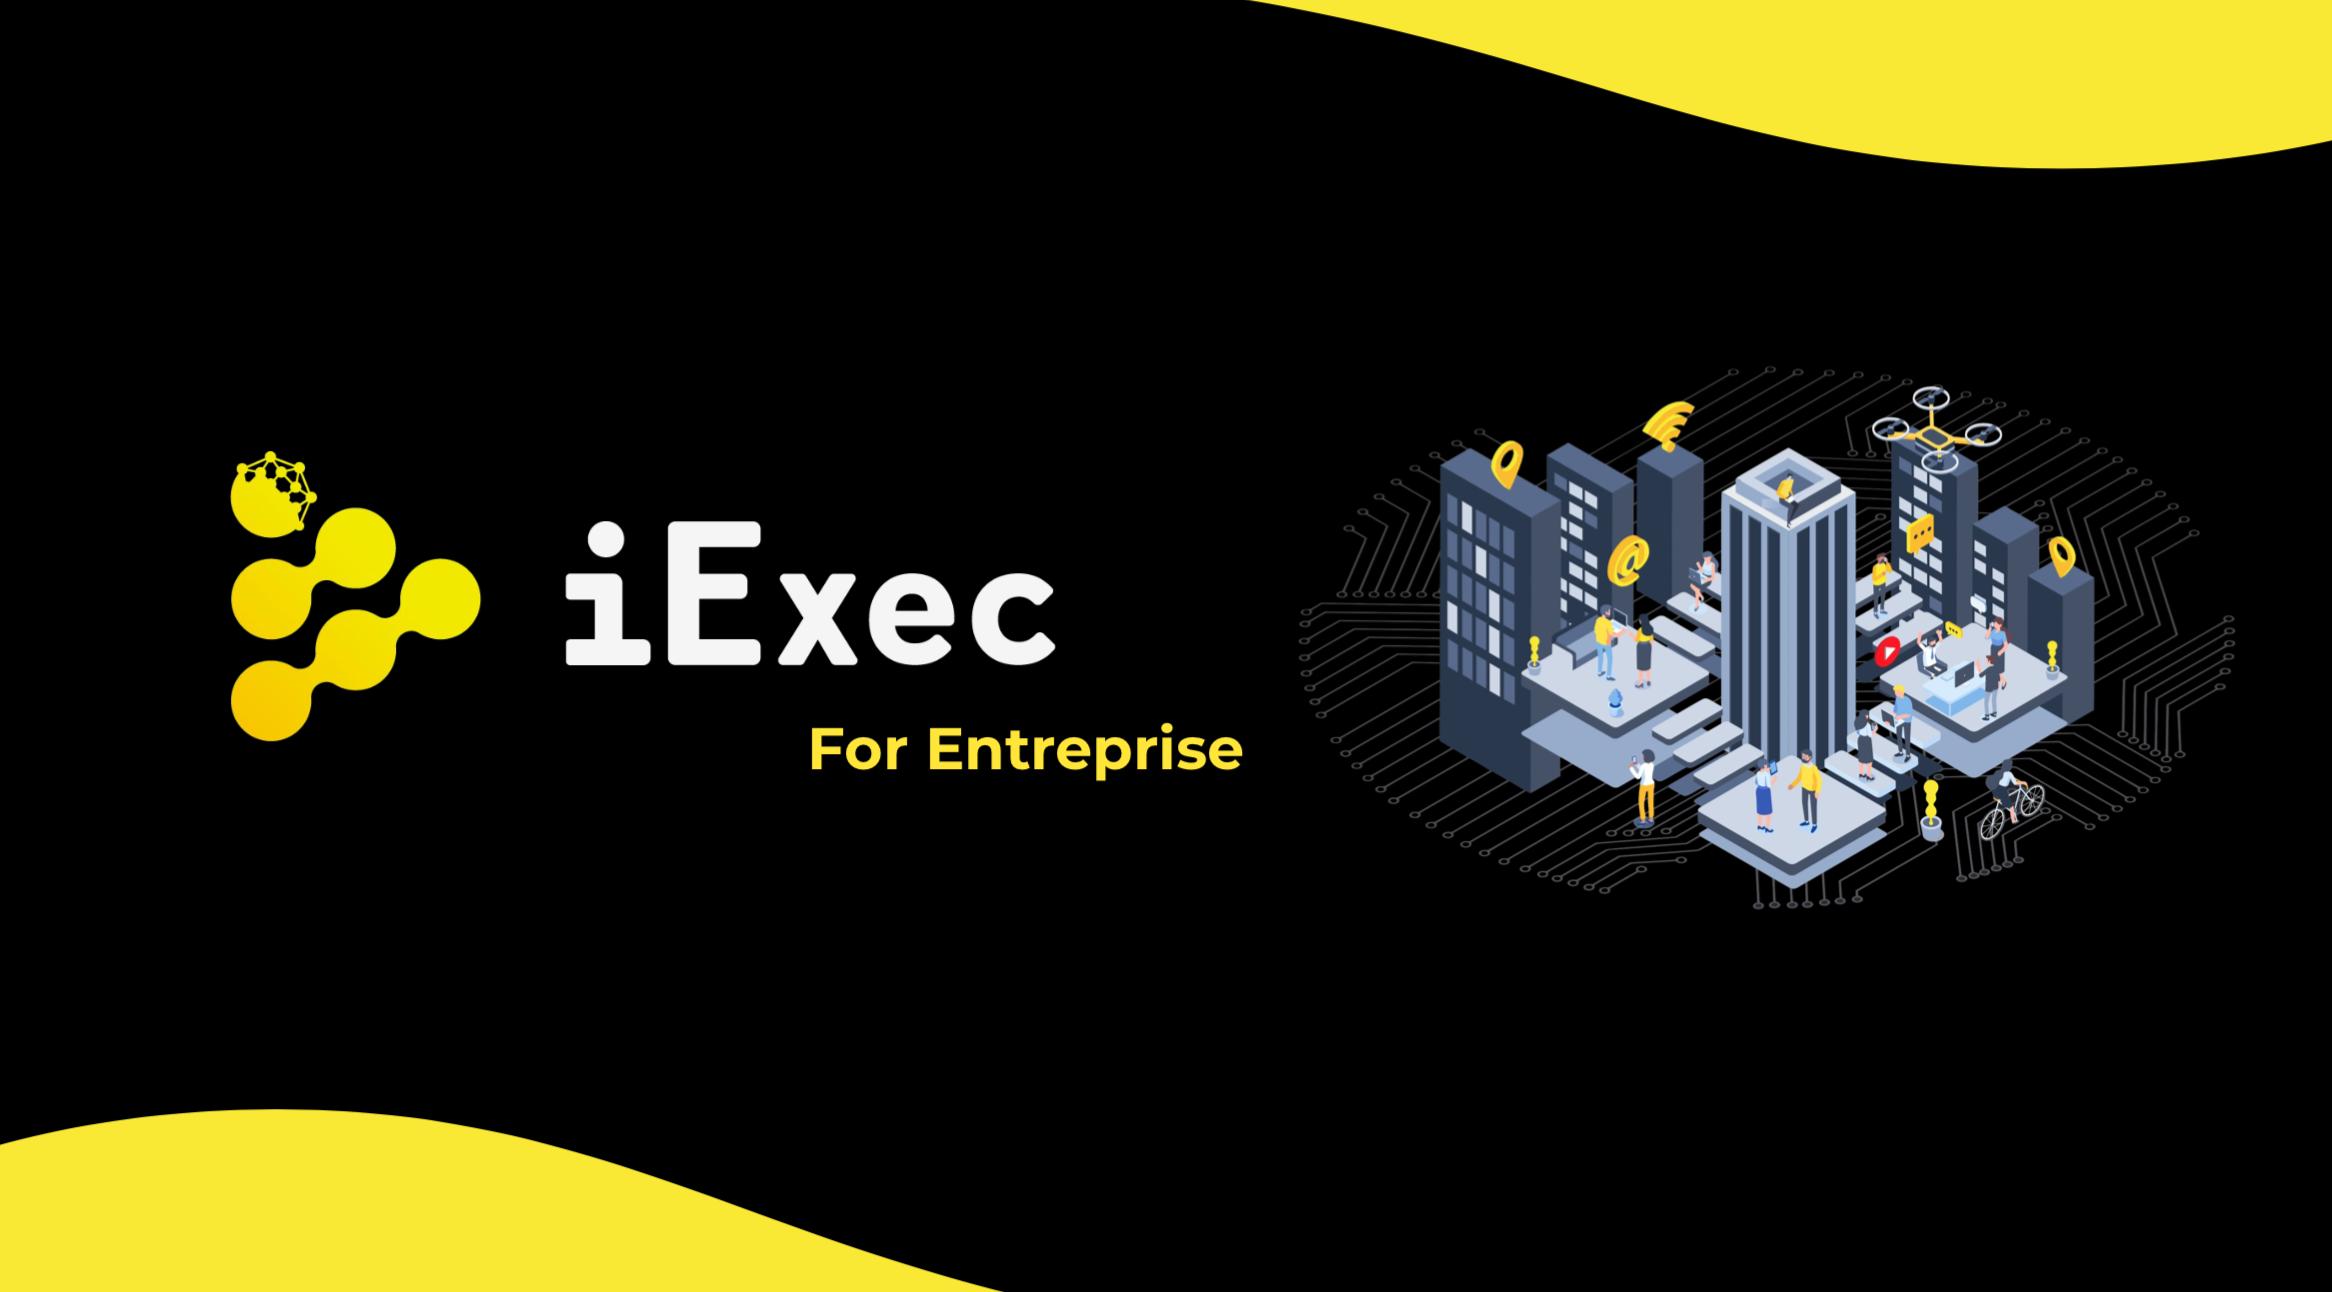 IExec For Entreprise